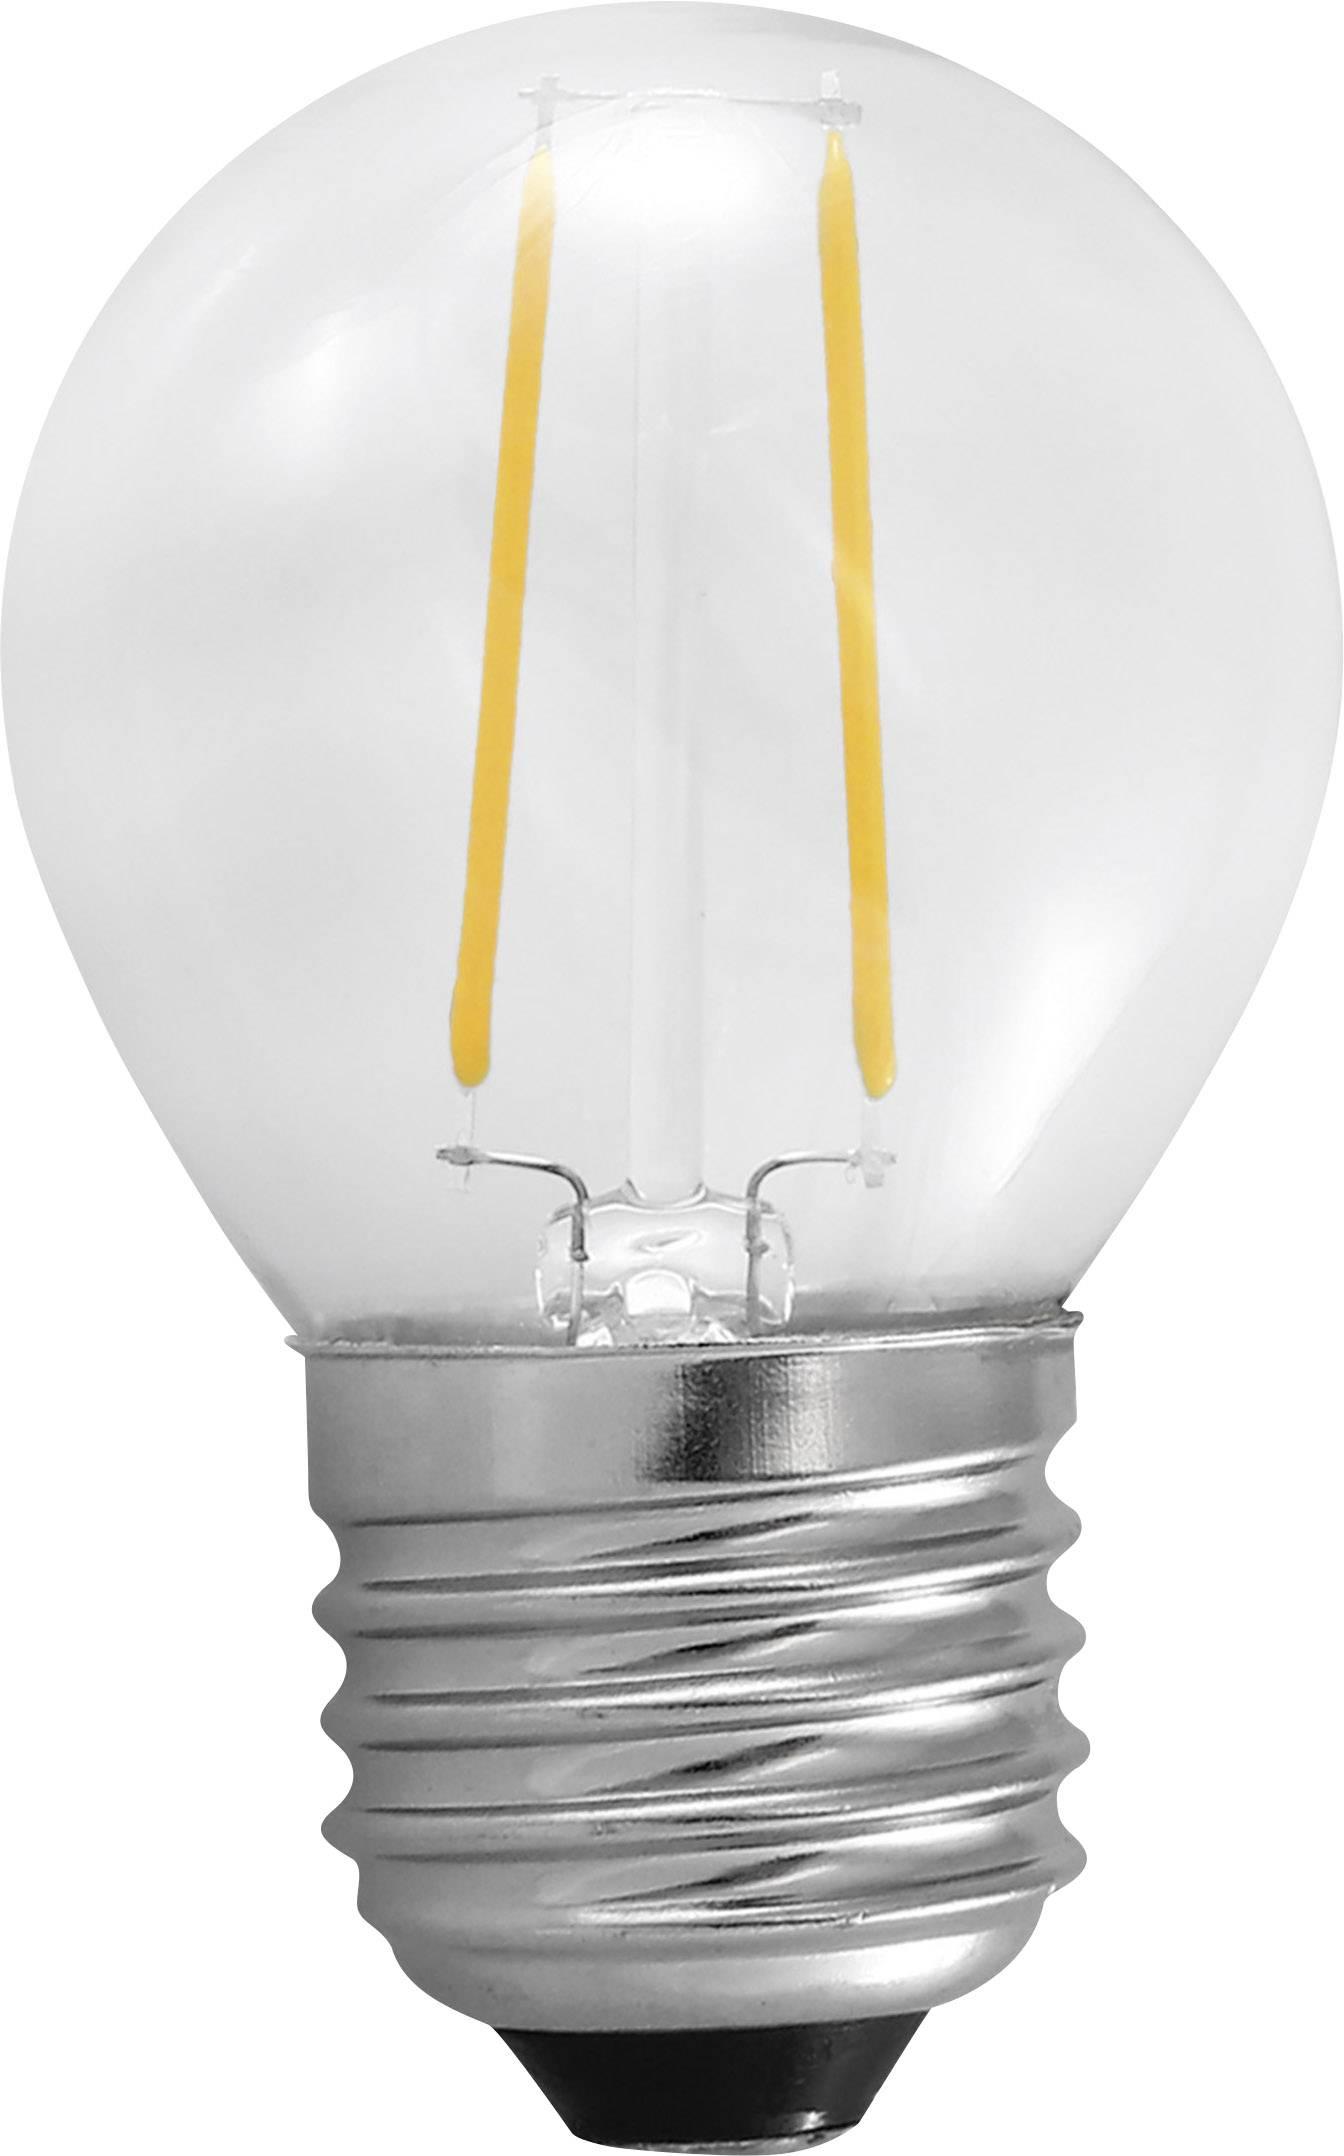 LED žiarovka Segula 60378 230 V, 2 W = 25 W, teplá biela, A++, vlákno, 1 ks